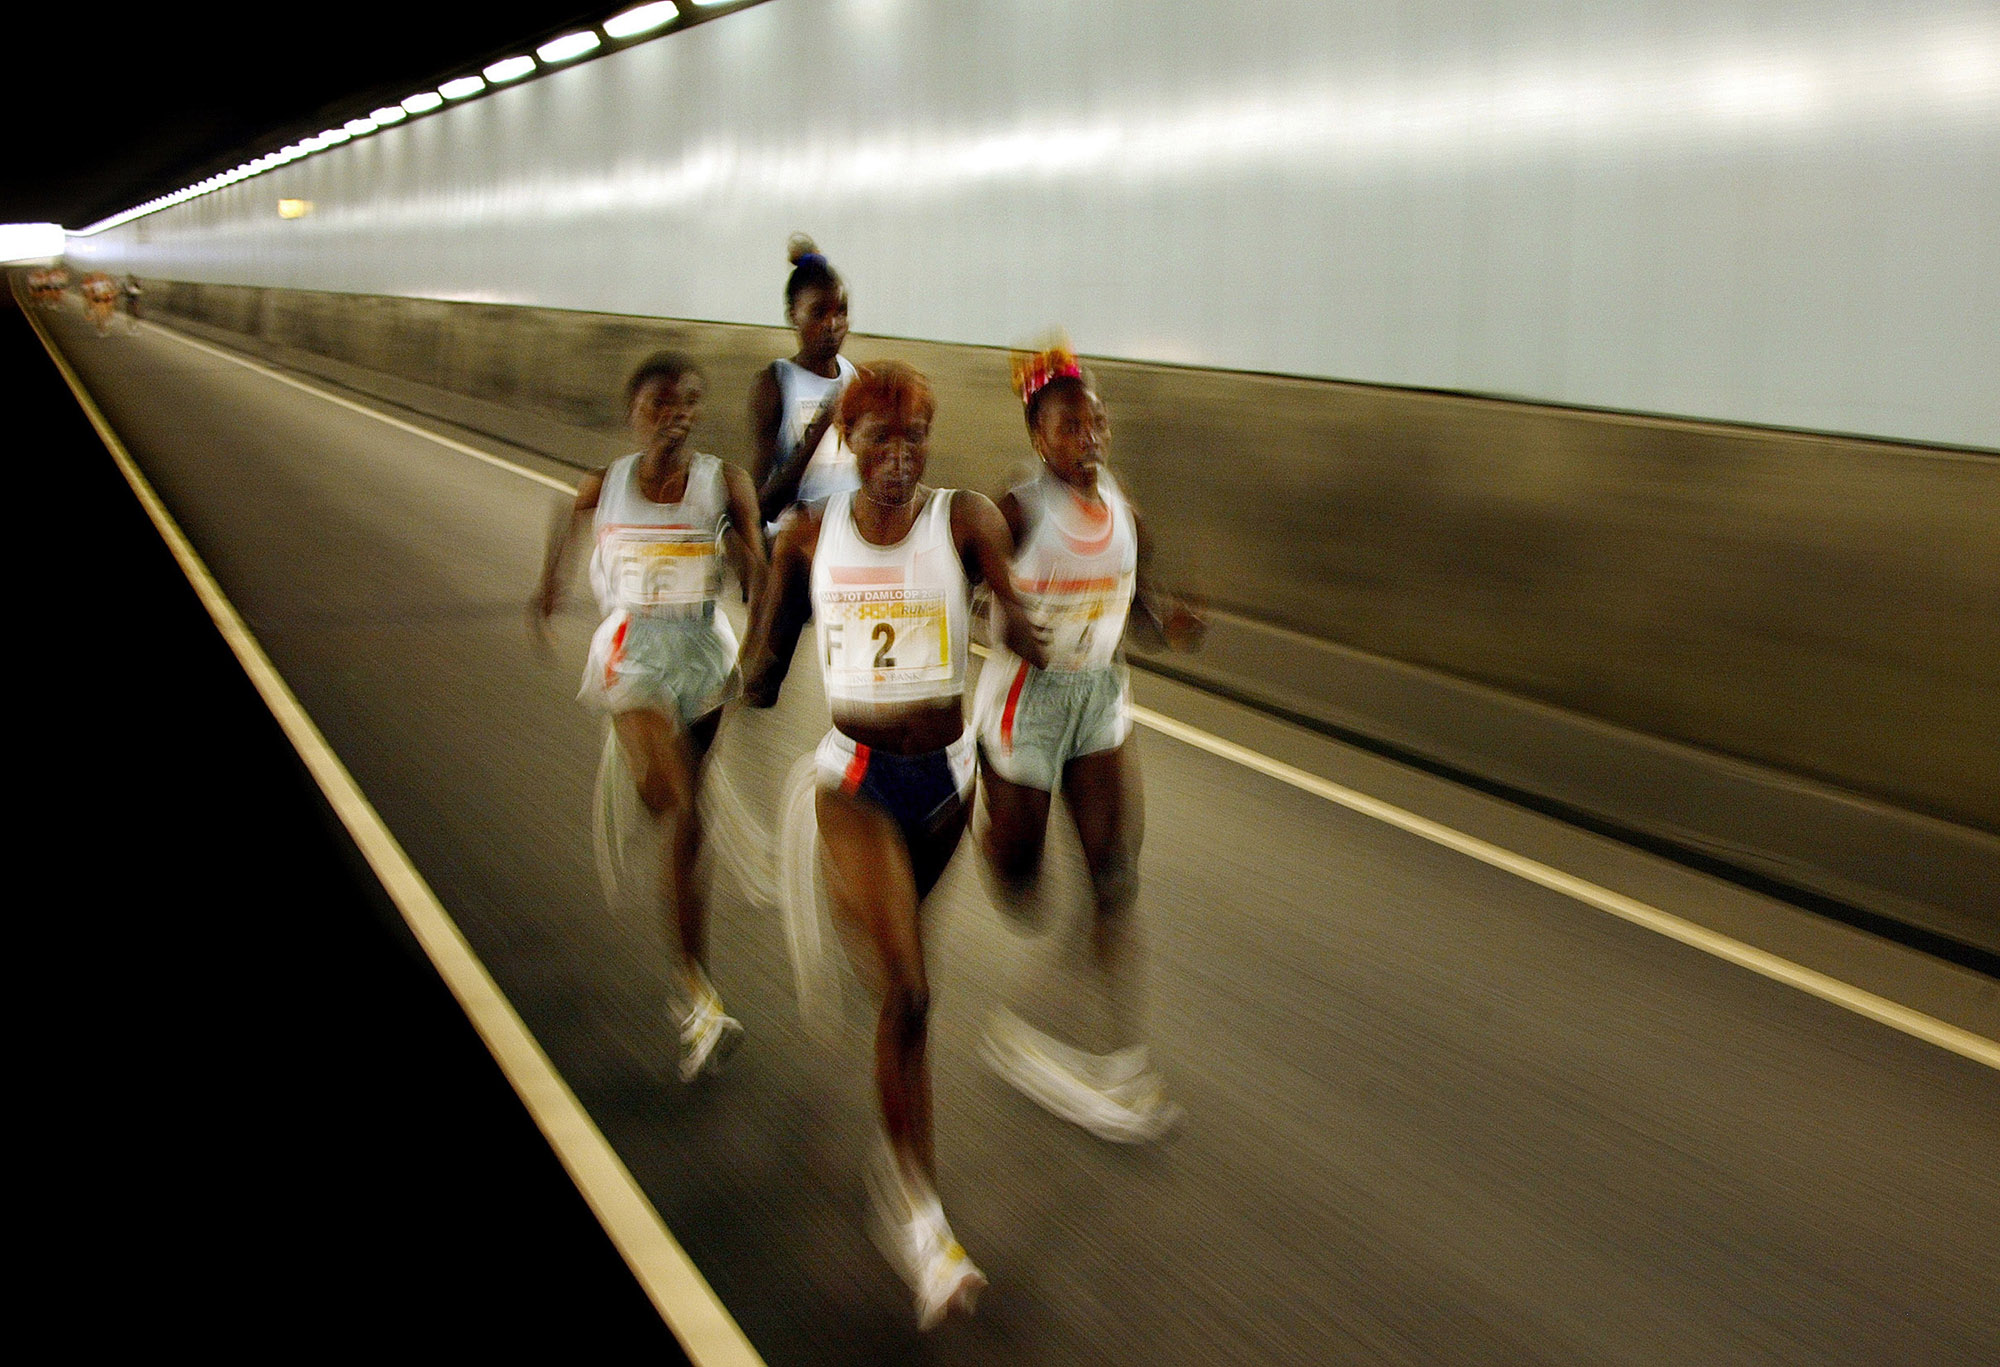 Foto van vier renners in actie